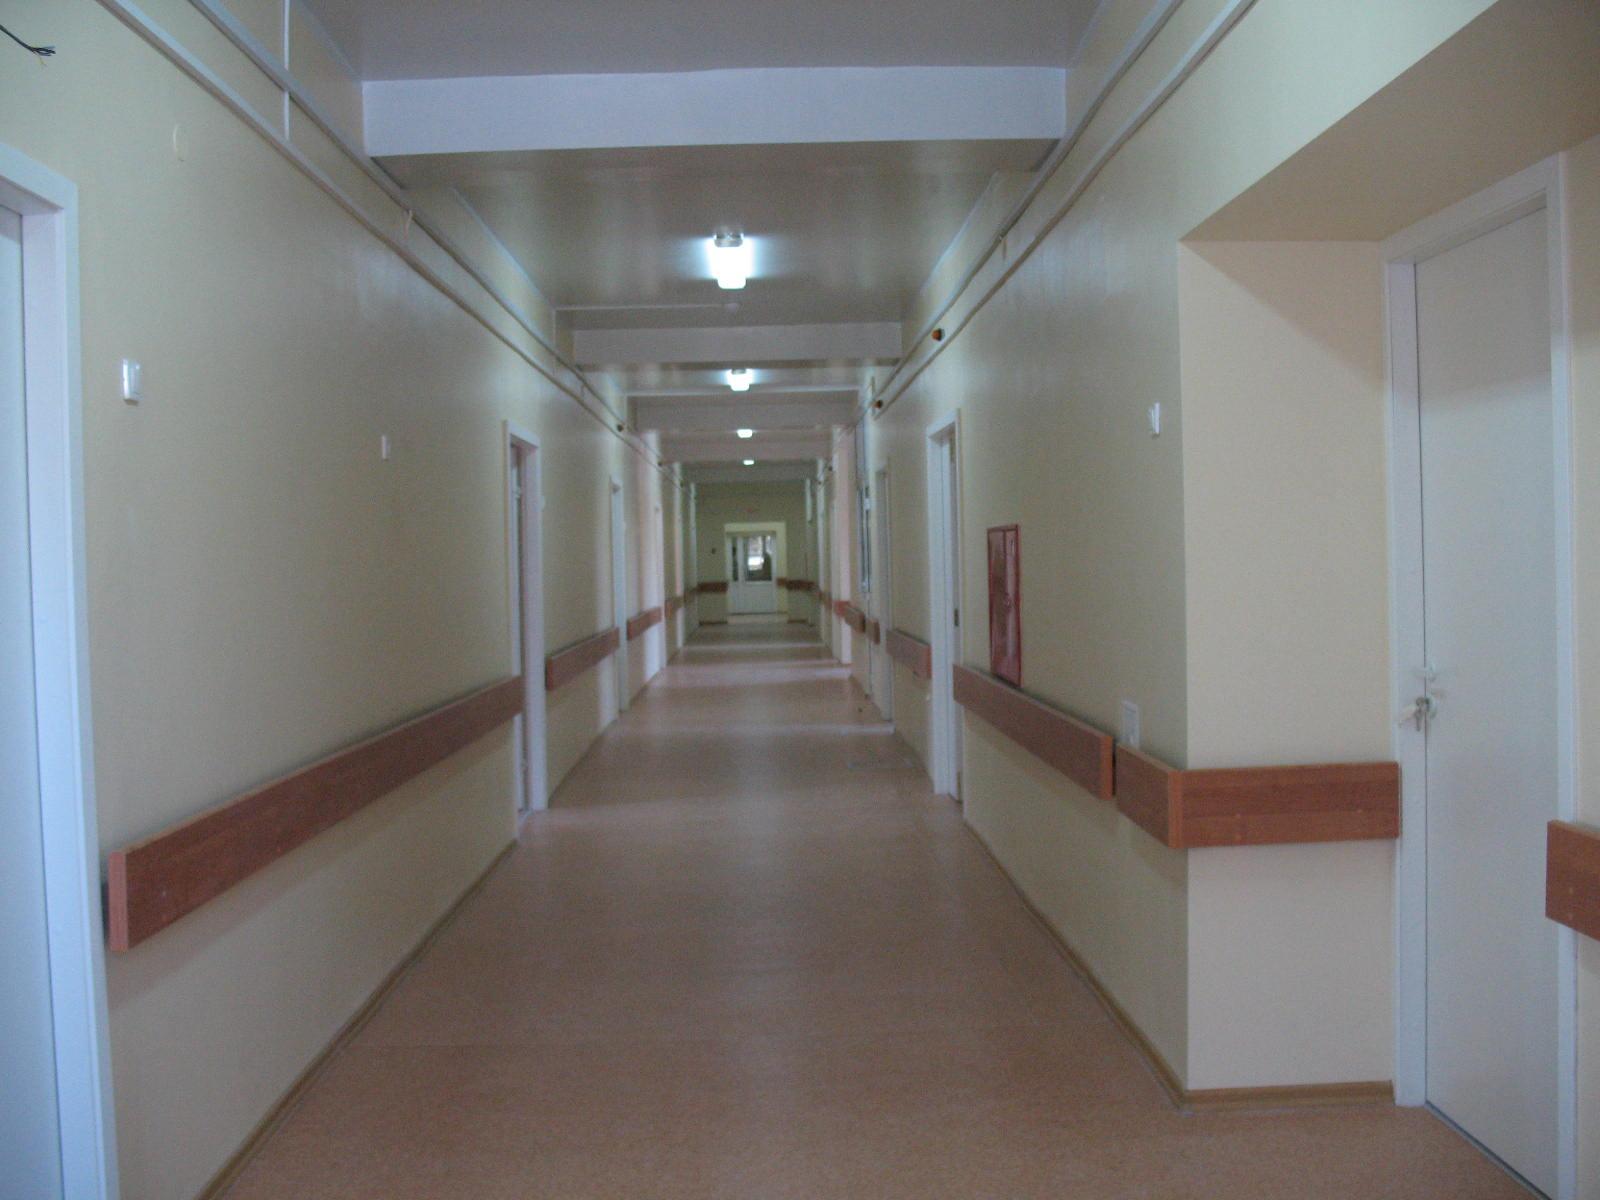 1-ая больница: